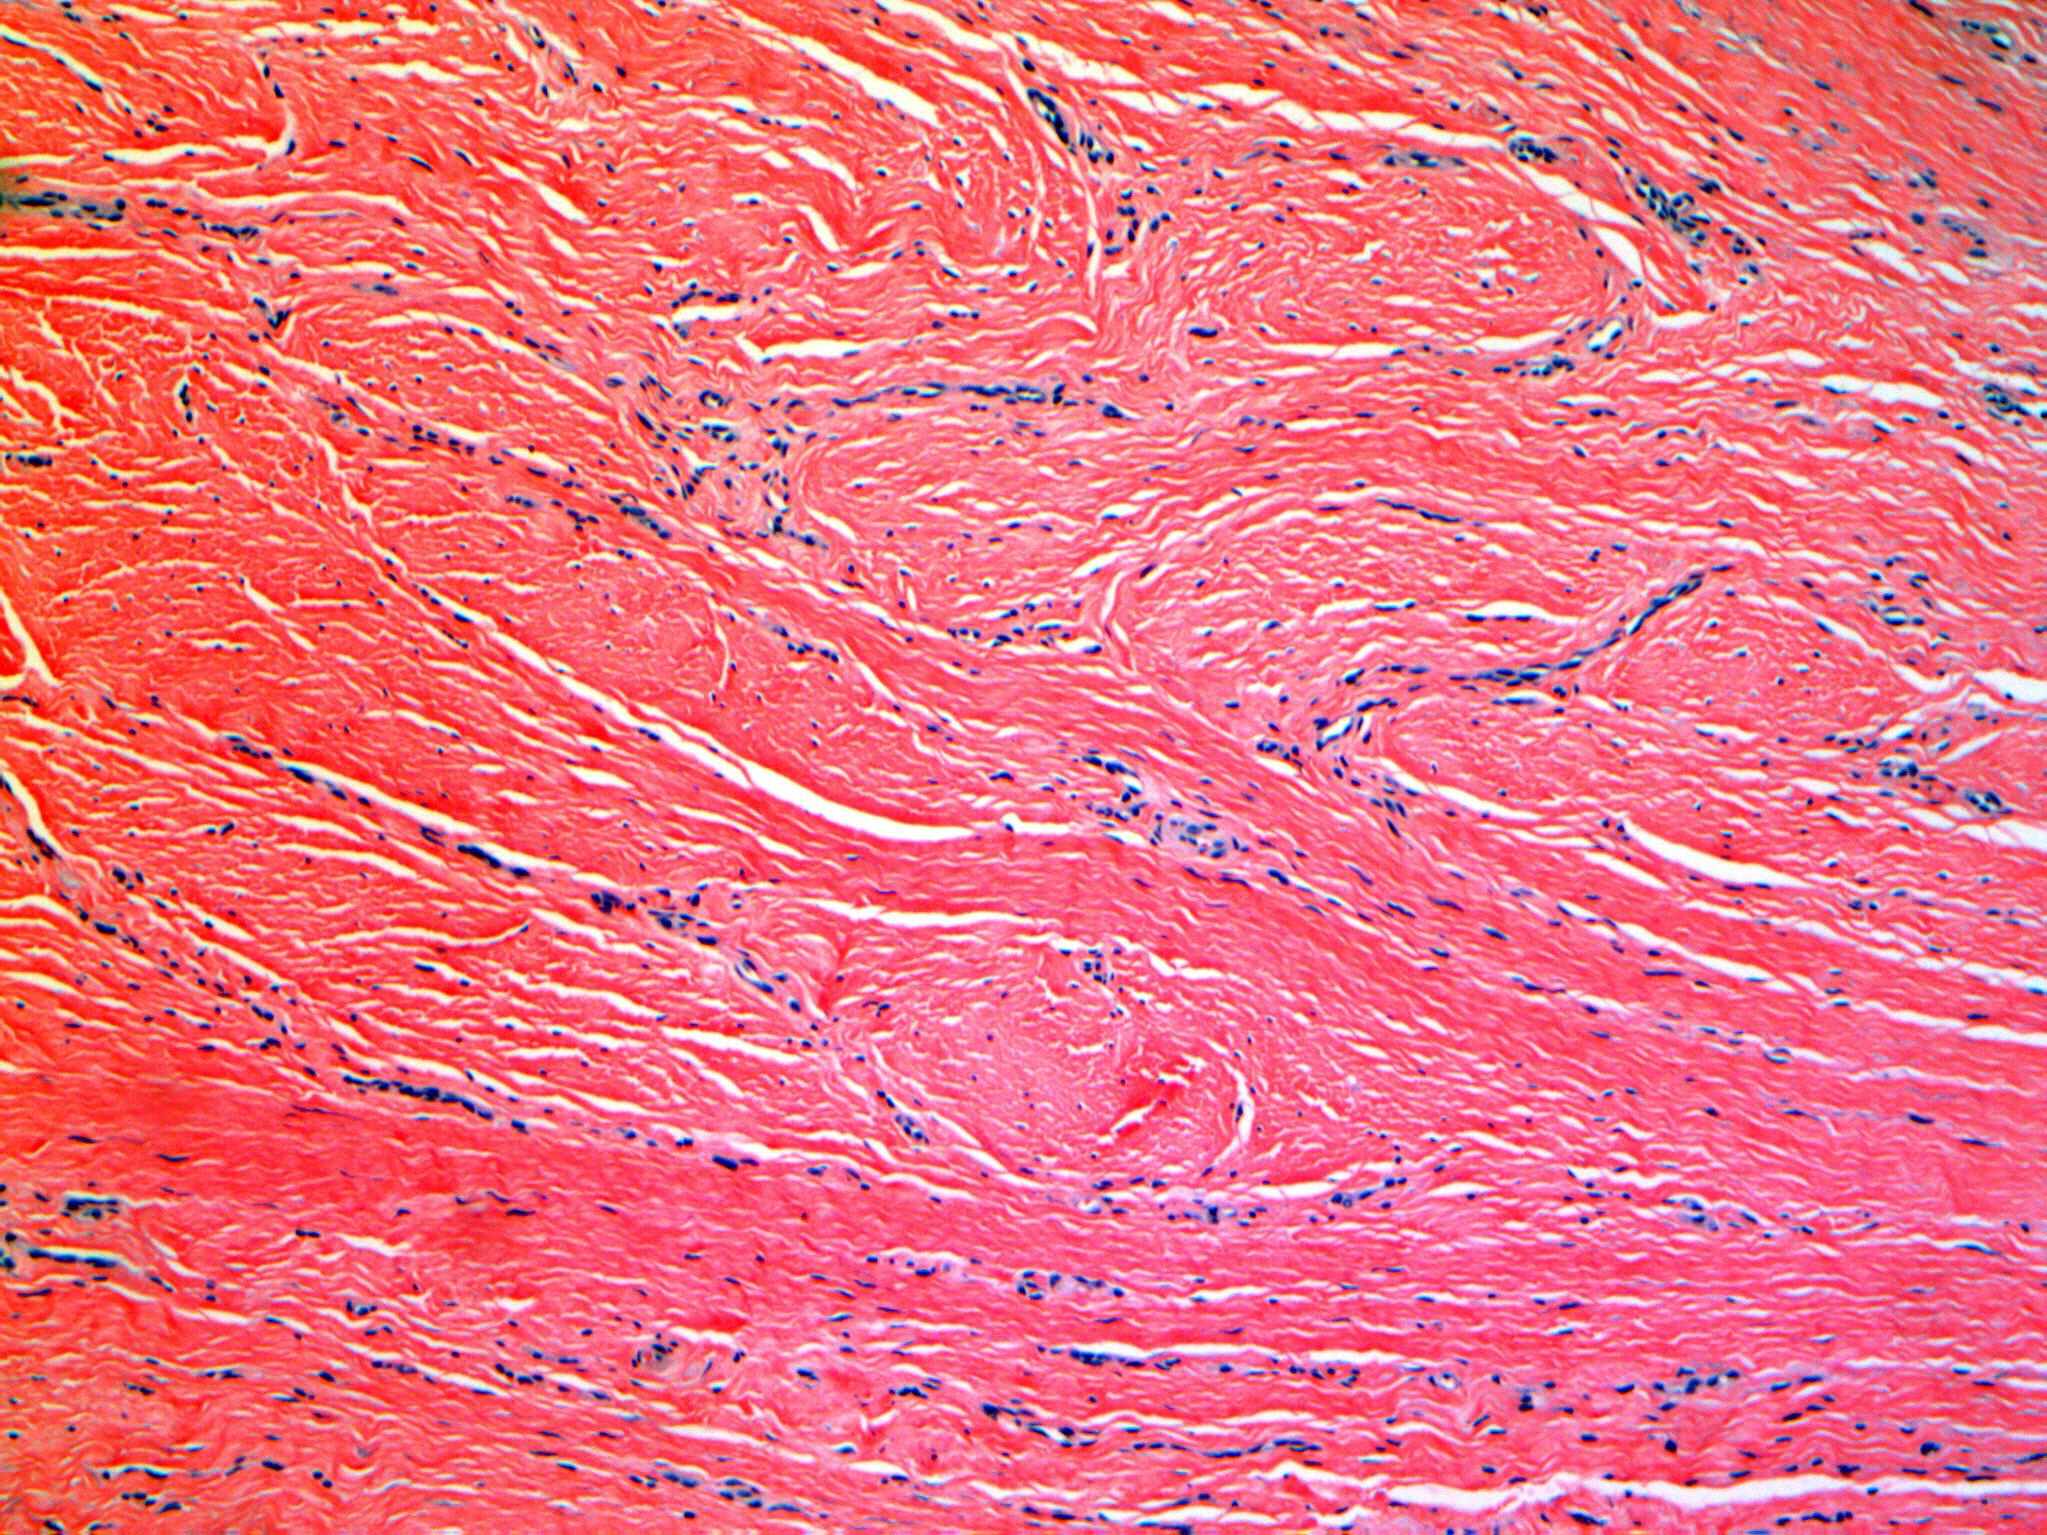 collagen bubbles - microneedling.jpg